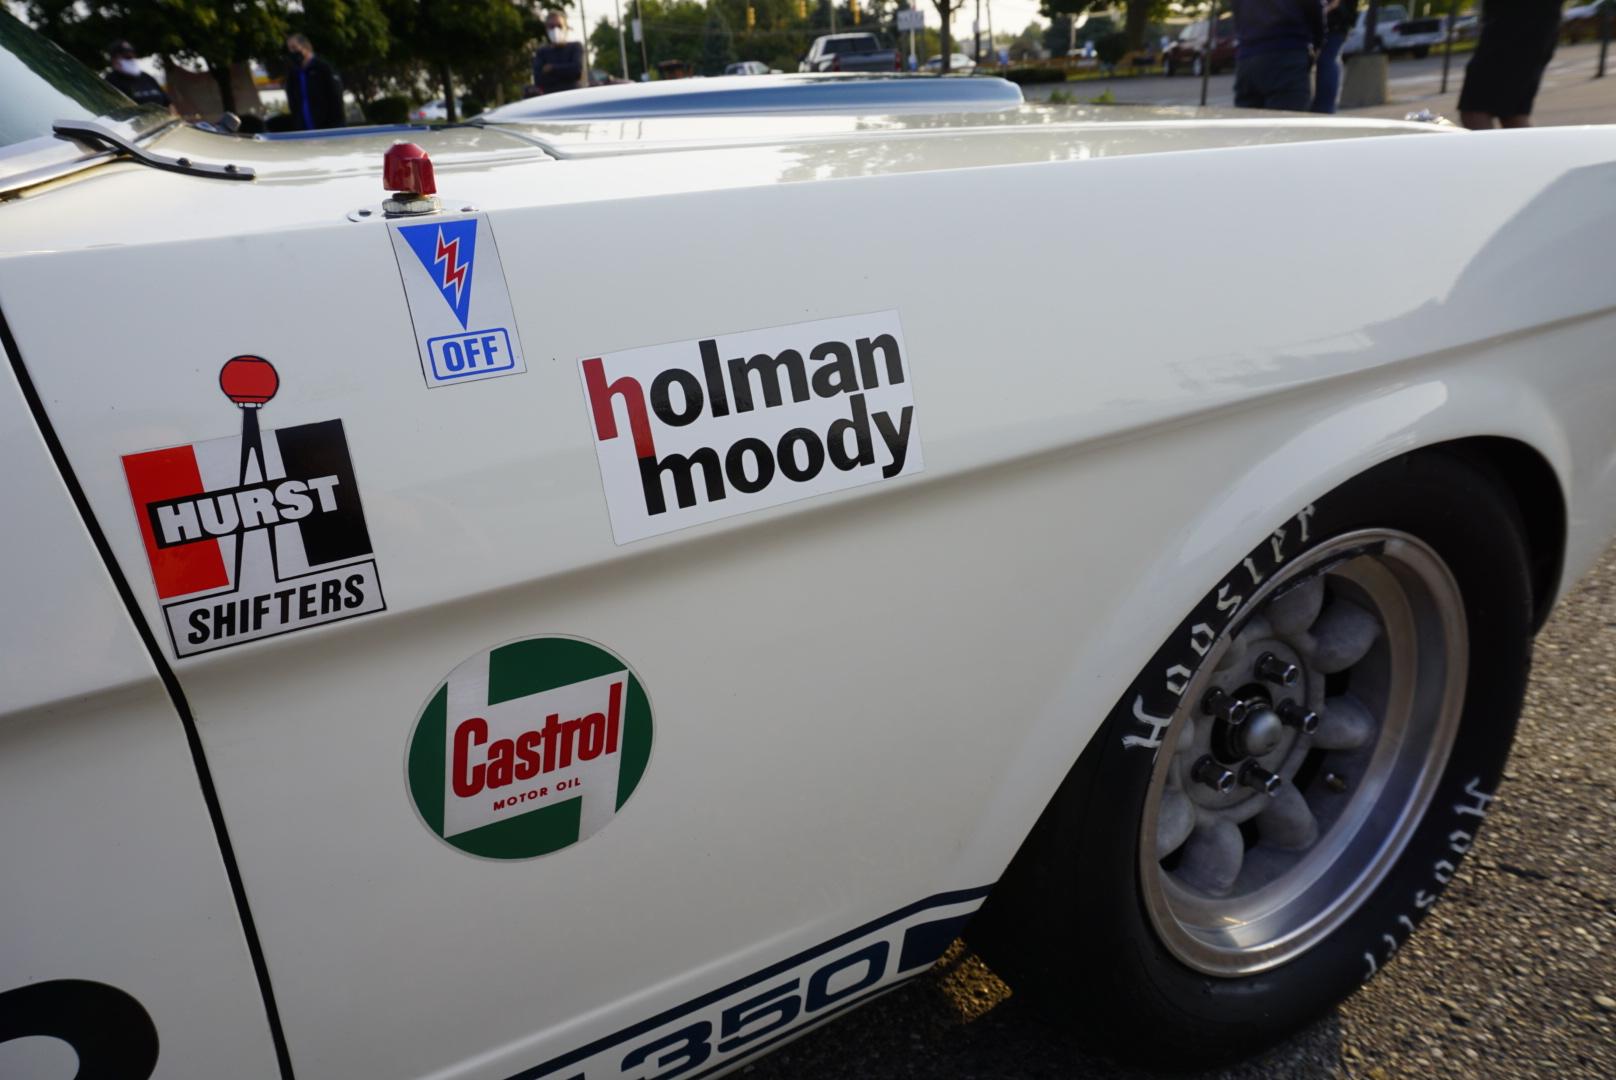 1965 Shelby GT350 holman moody sticker